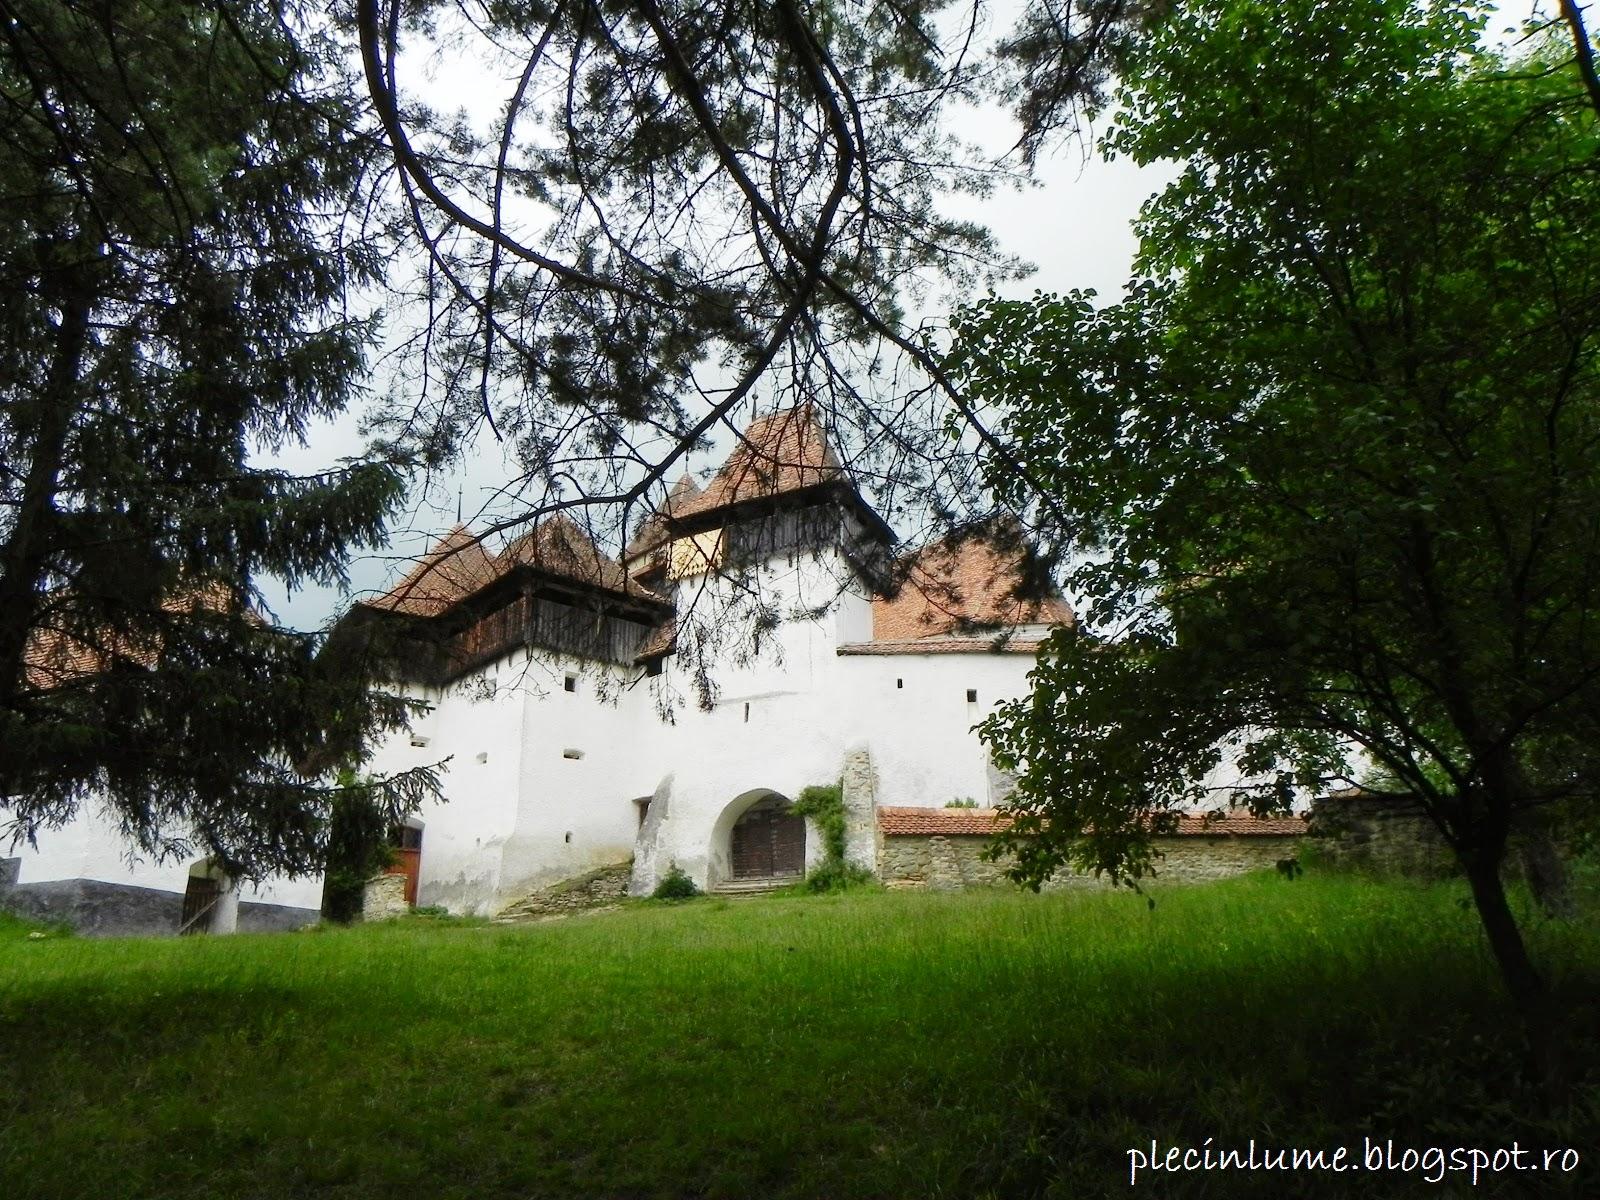 Zidurile bisericii din Viscri